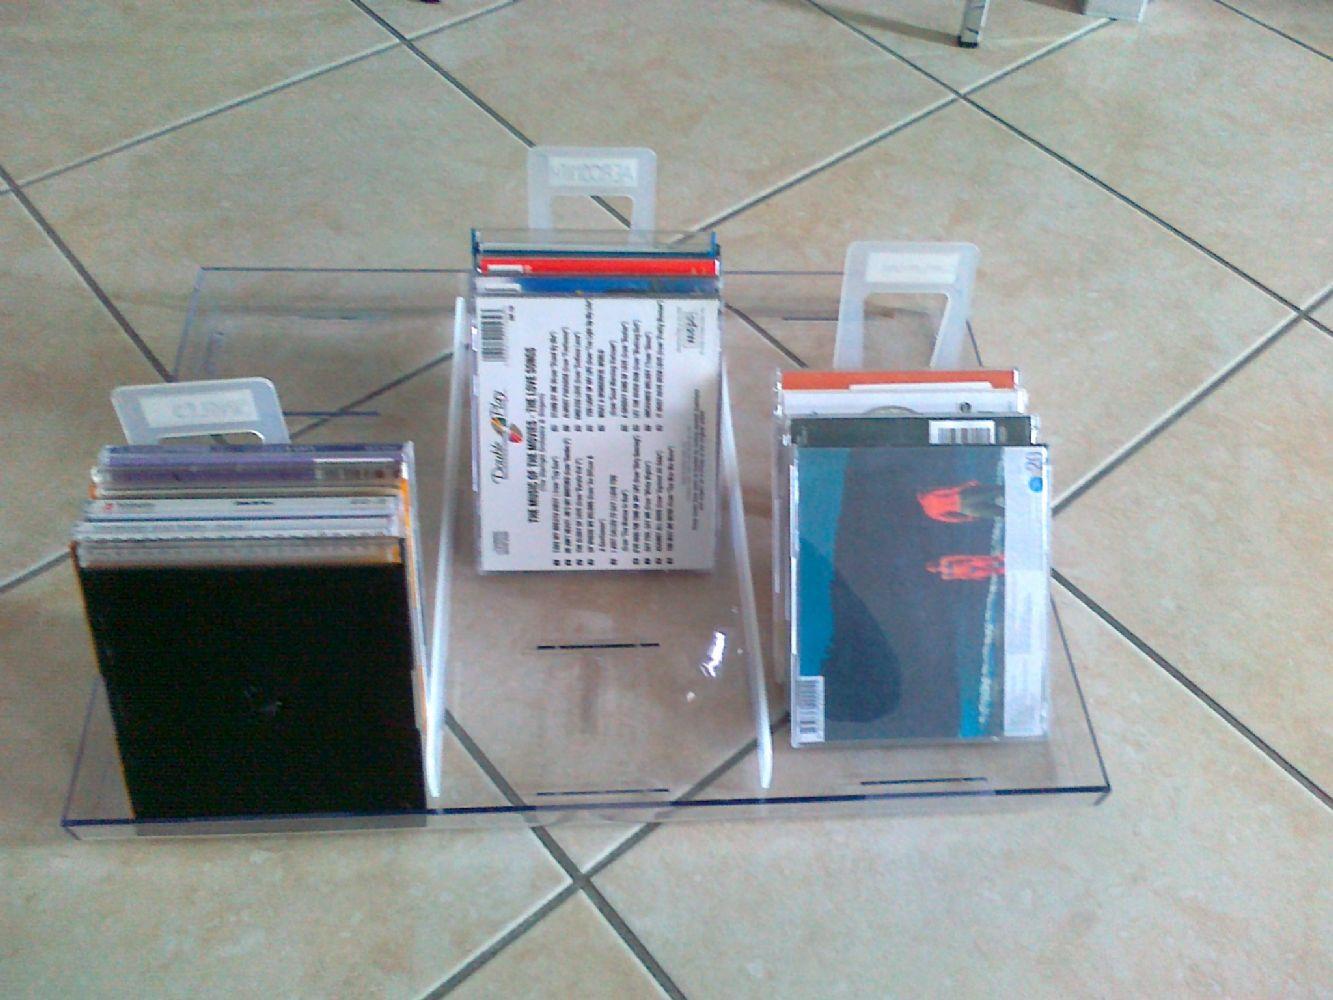 Baratto scambio ikea porta cd dvd arredamento - Porta decoder ikea ...